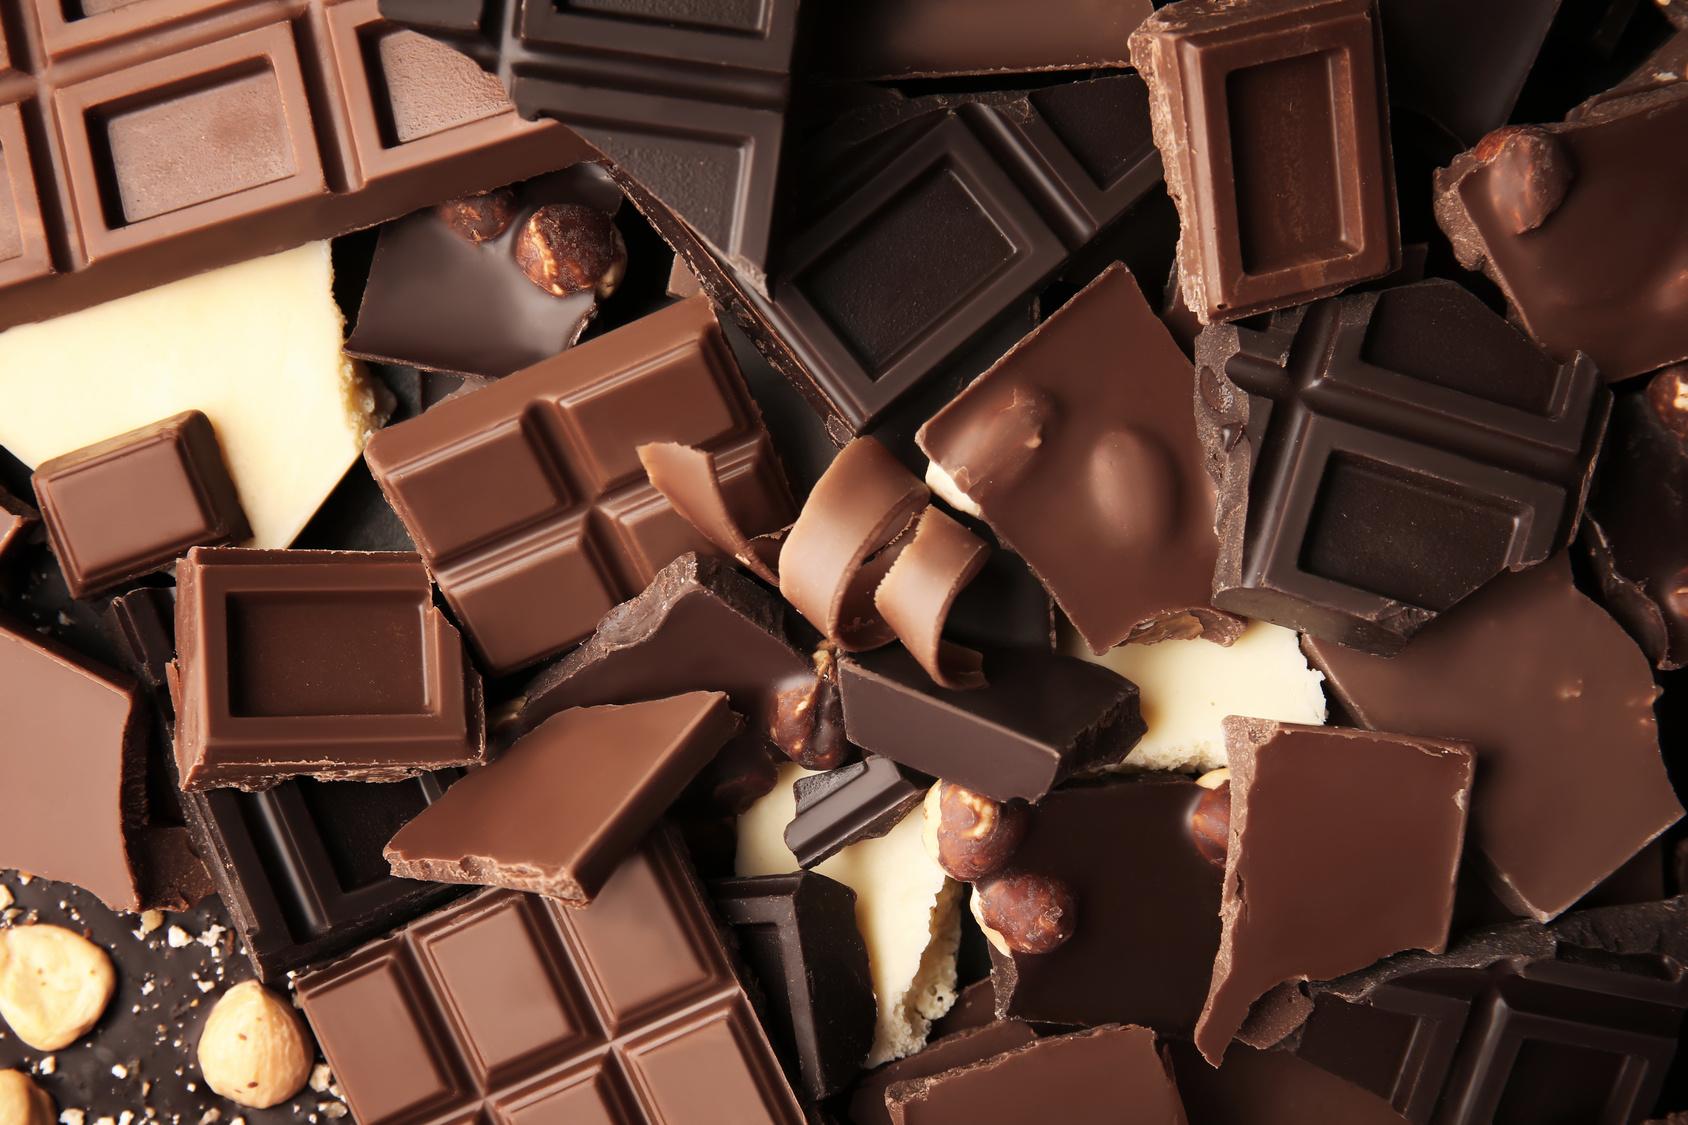 Warnung: Fast jede getestete Schokolade schwer belastet!